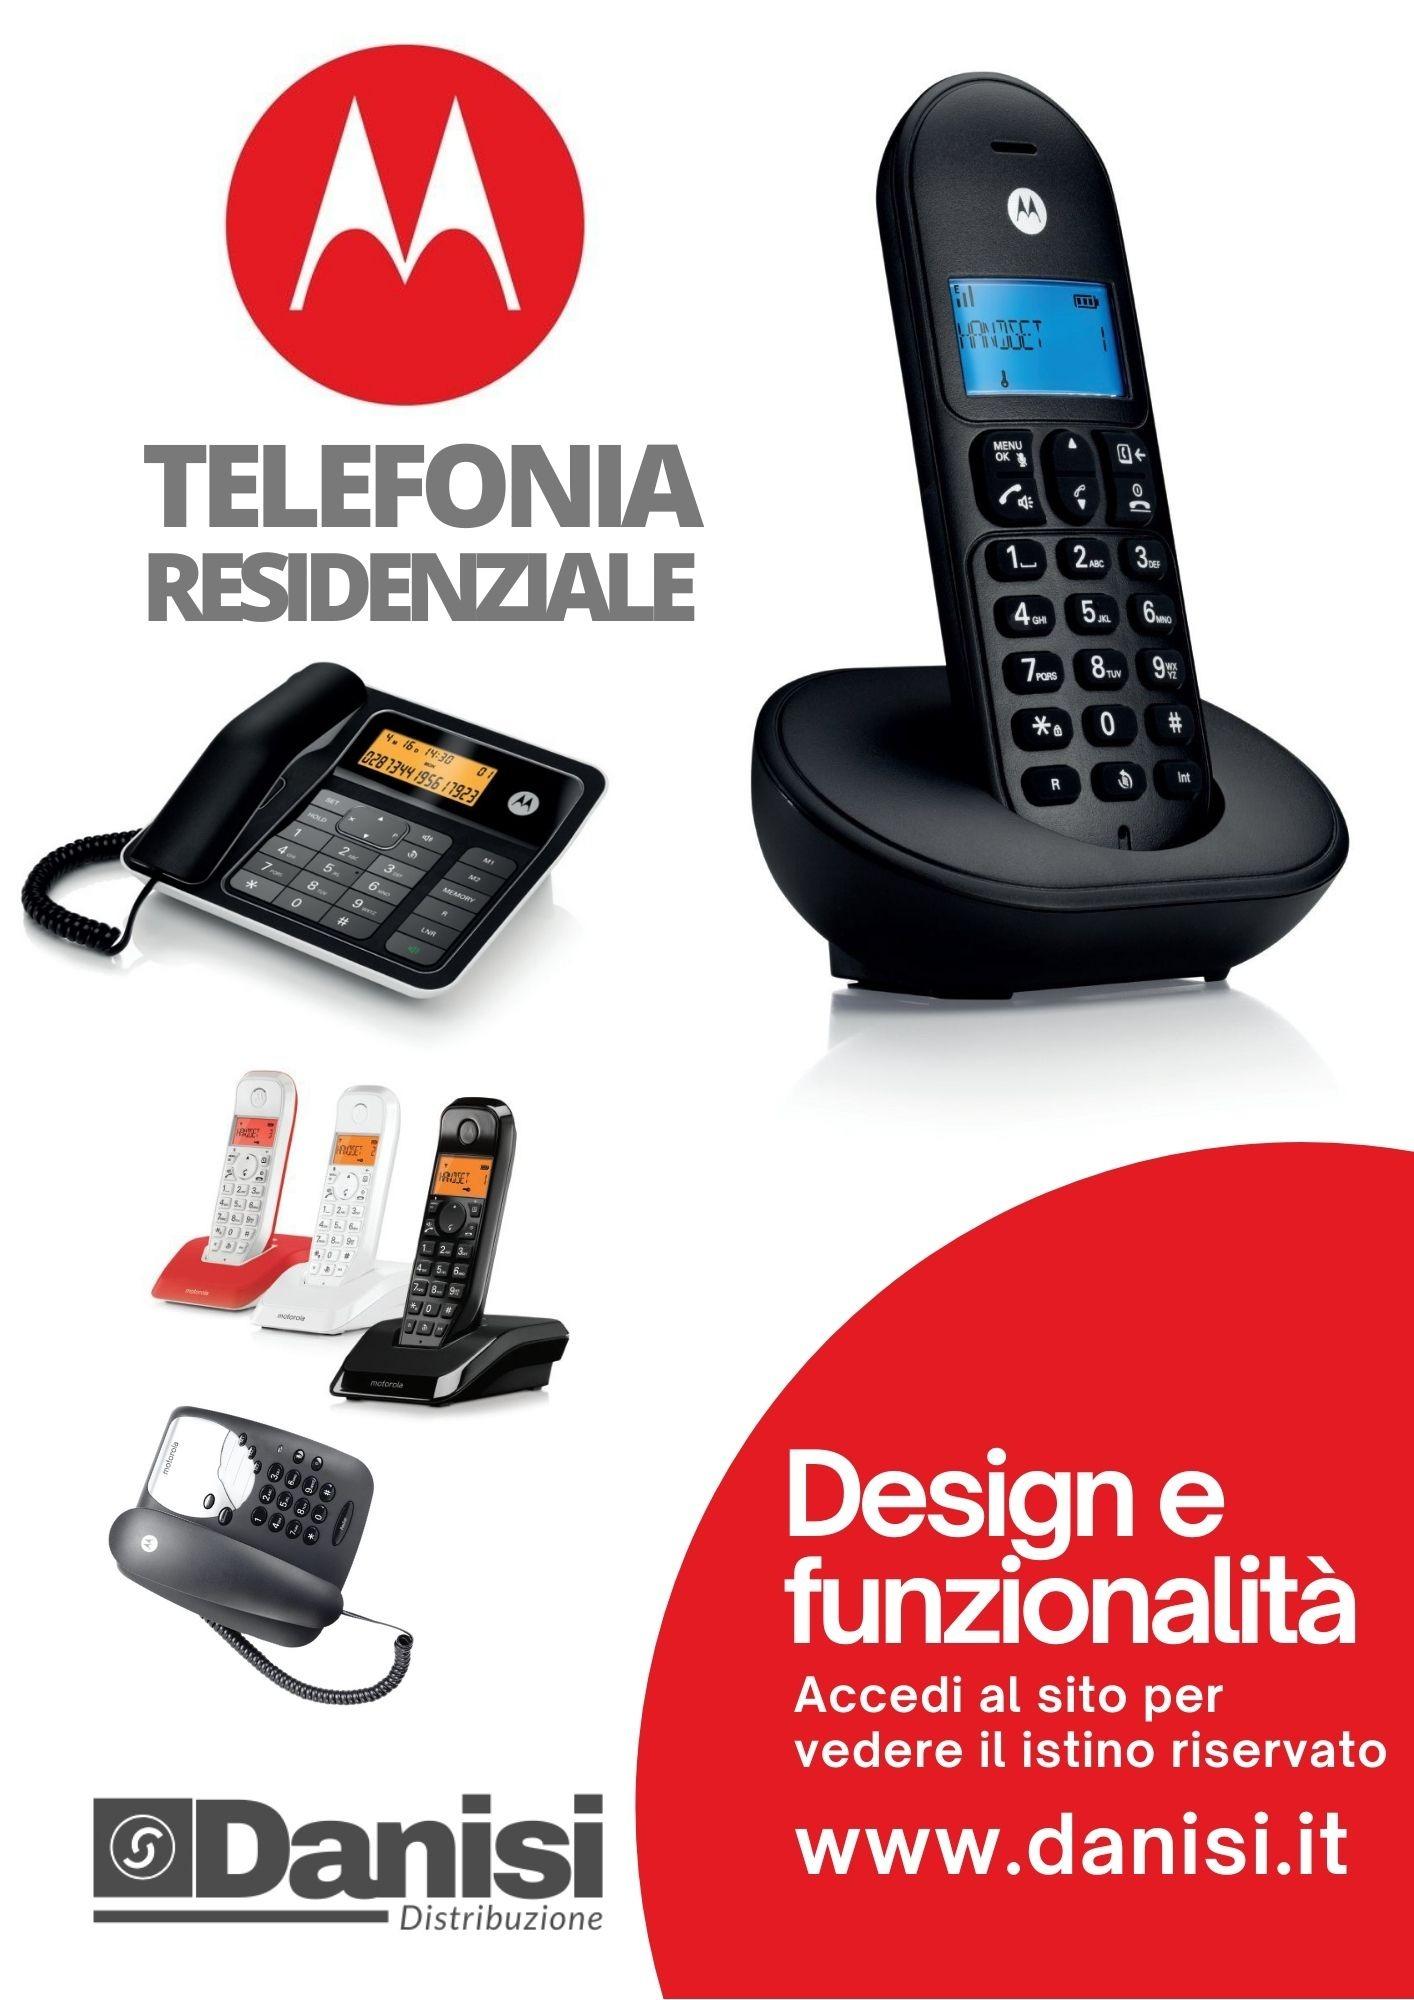 motoriola-1607326079.jpg